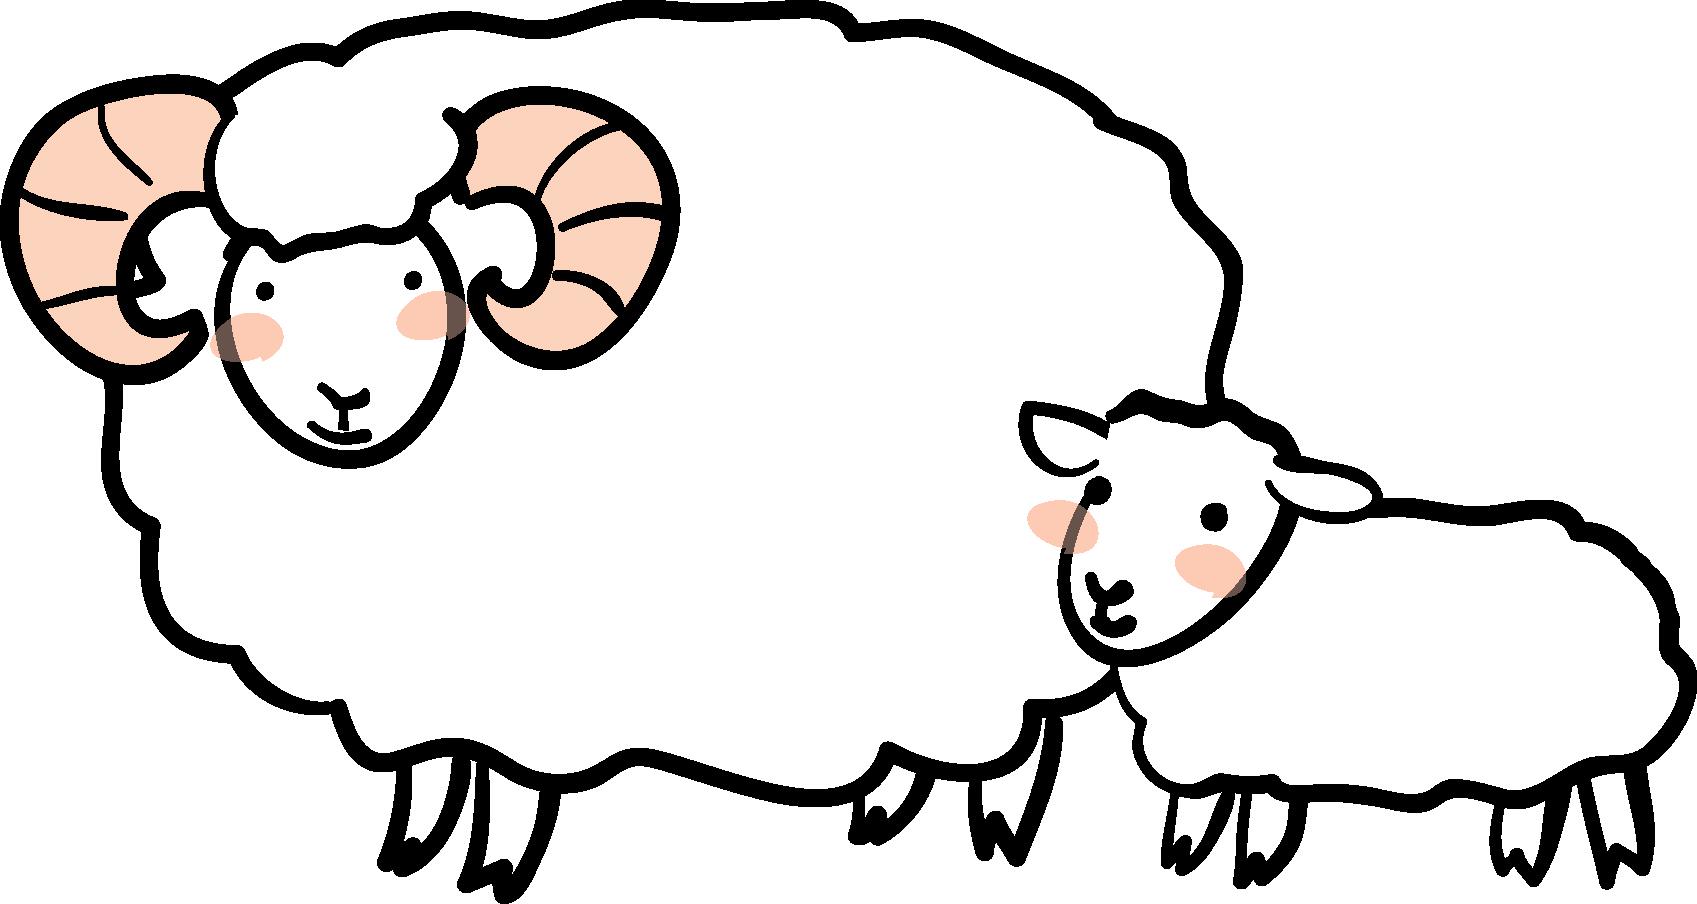 年賀素材館 年賀状イラスト素材 未 ひつじ 羊の親子ダウンロード